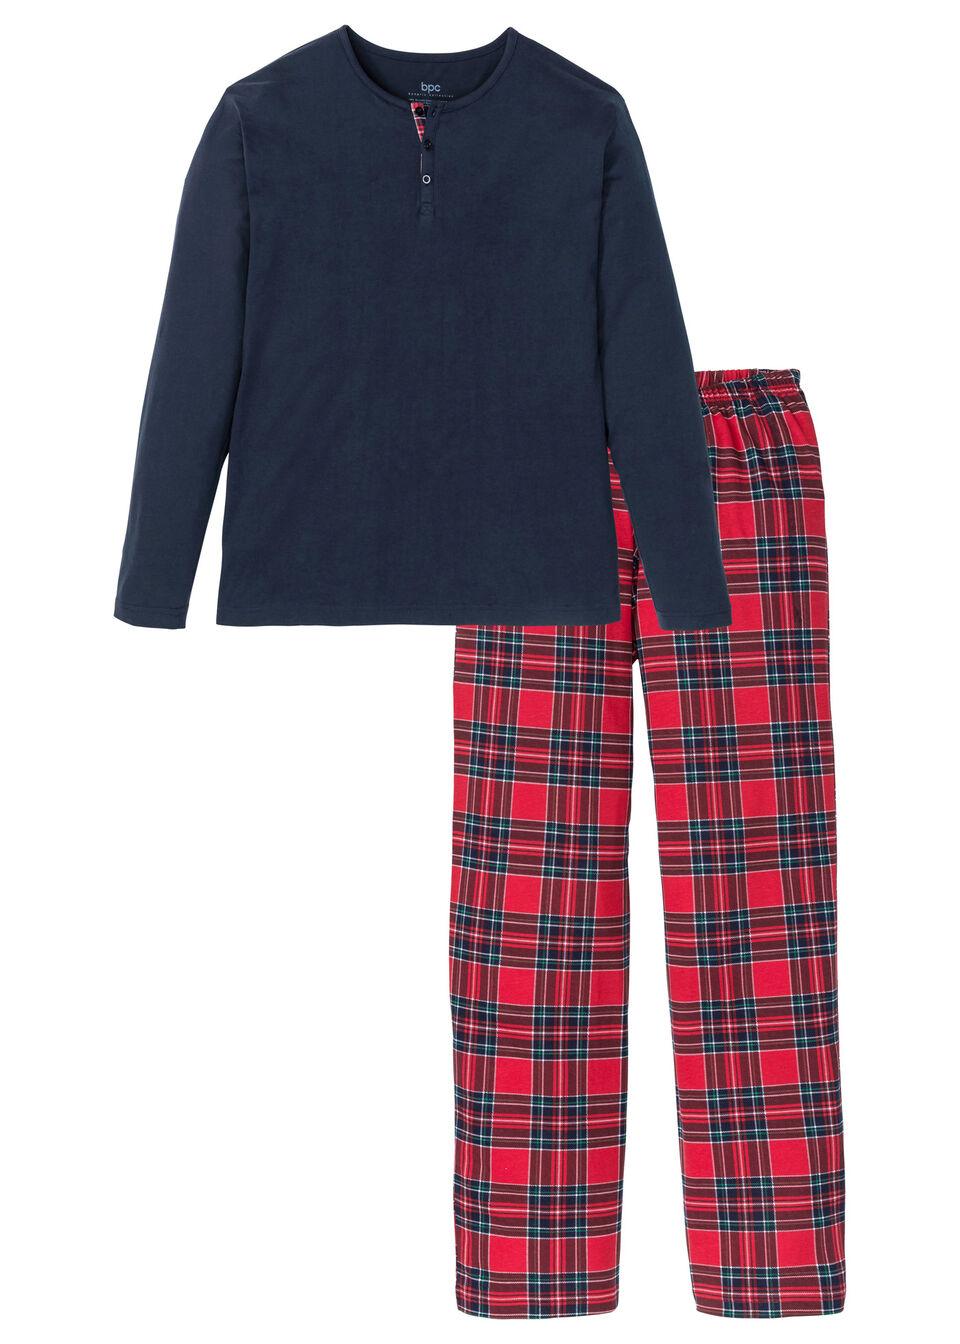 Пижамы, Пижама, bonprix, тёмно-синий-белый-красный-зелёный в клетку  - купить со скидкой